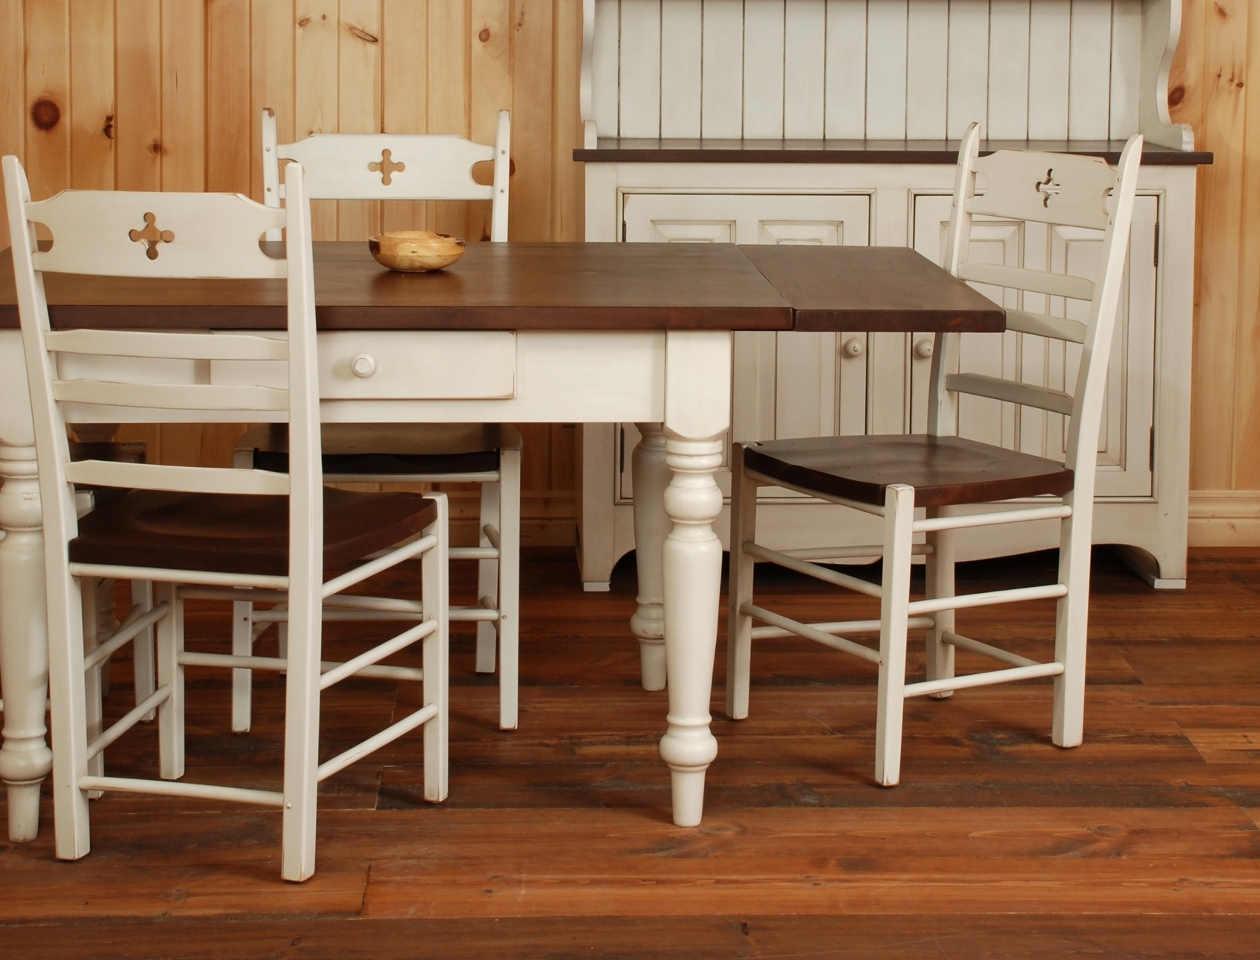 MIL ANUNCIOS COM Sillas pino color miel Muebles sillas  - ver fotos de muebles de pino